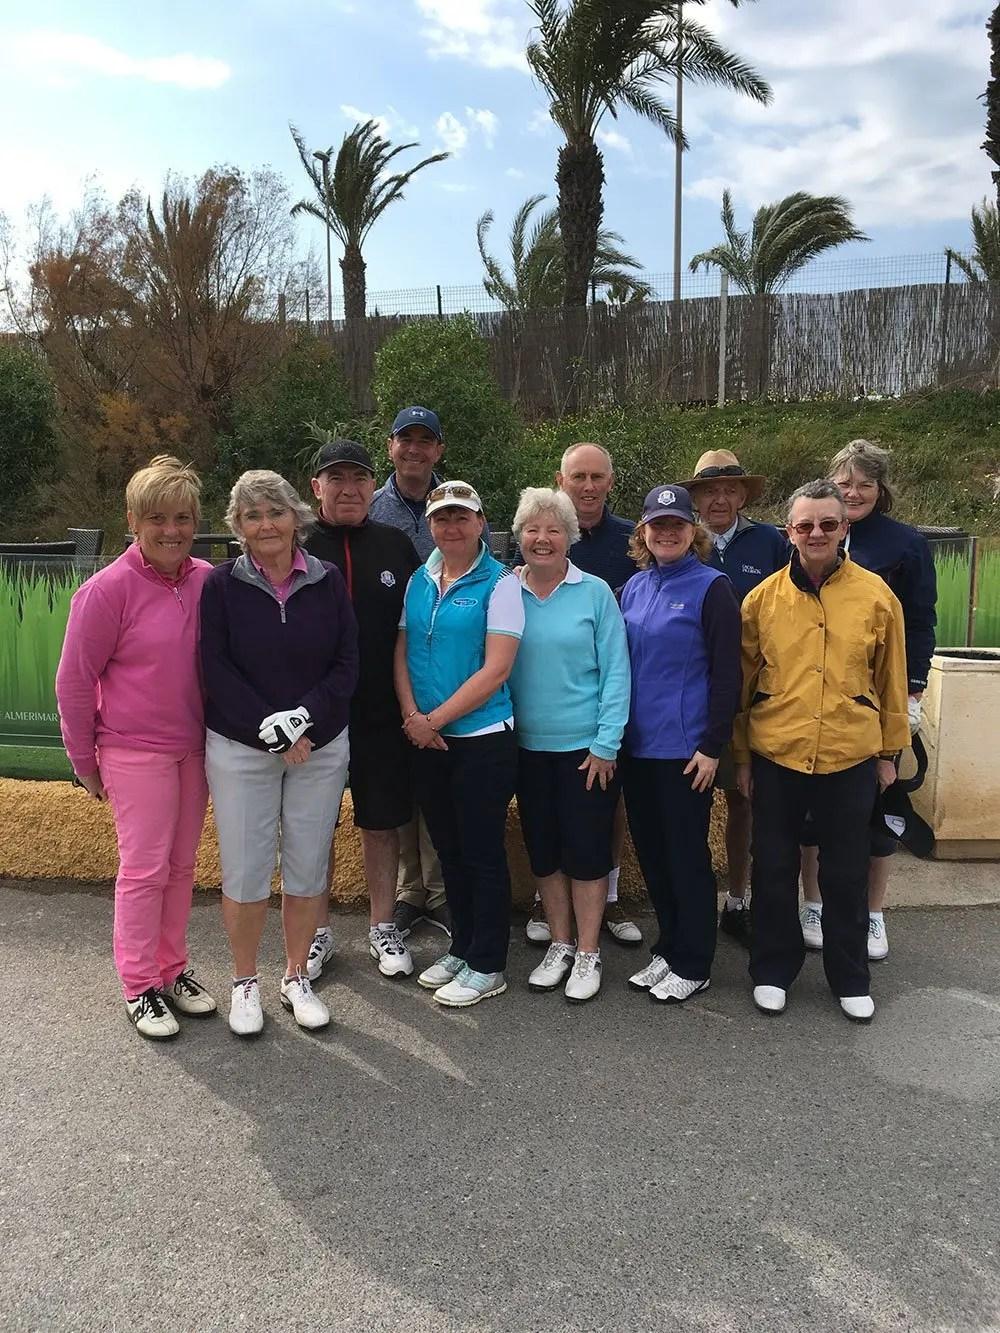 Almerimar Golf School February 2018 team